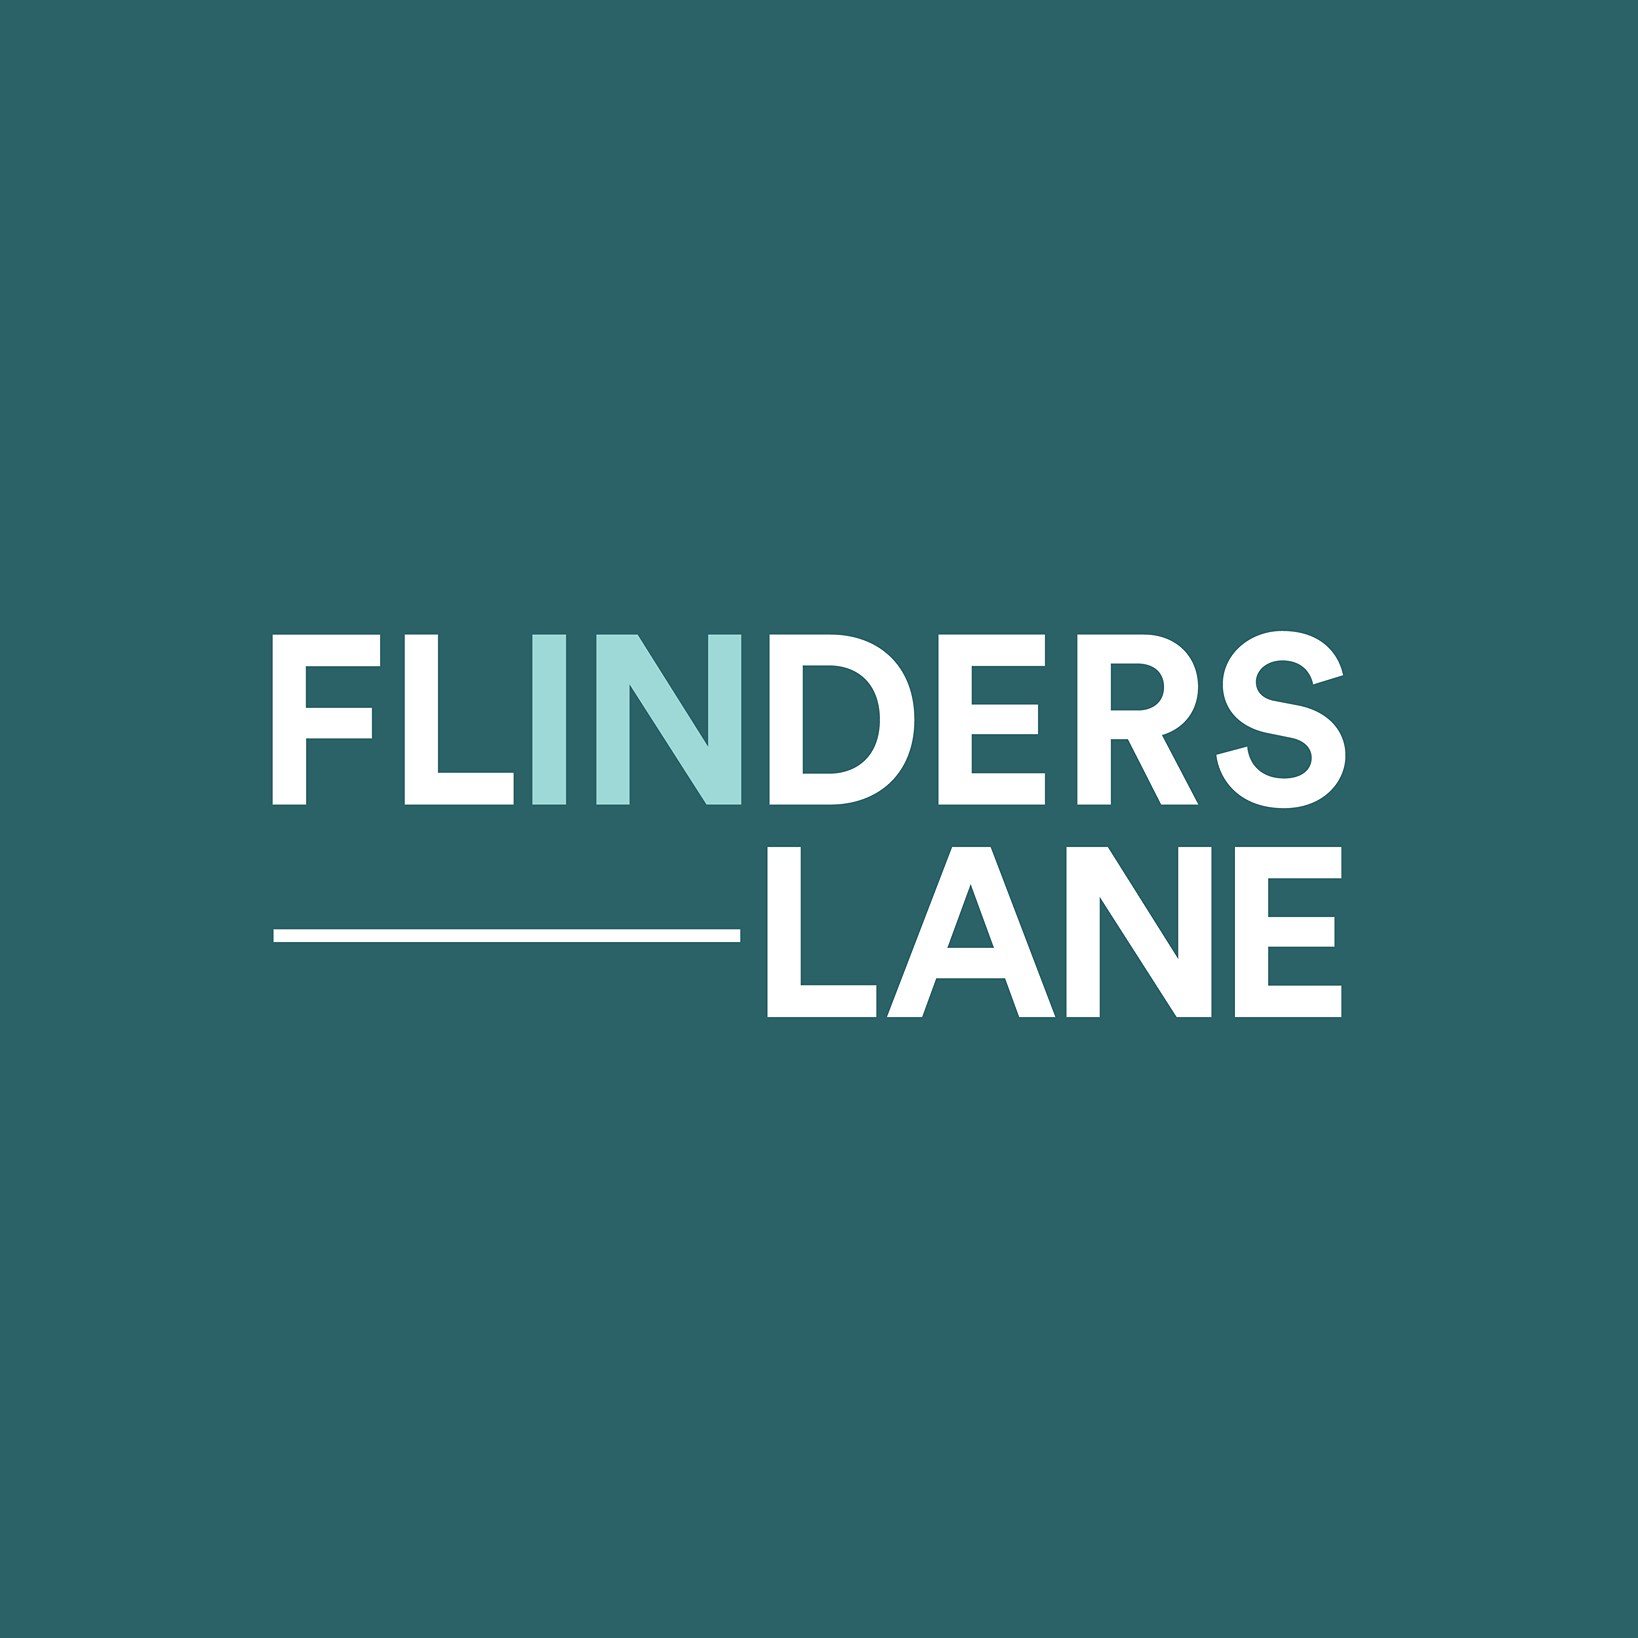 flinders lane logo